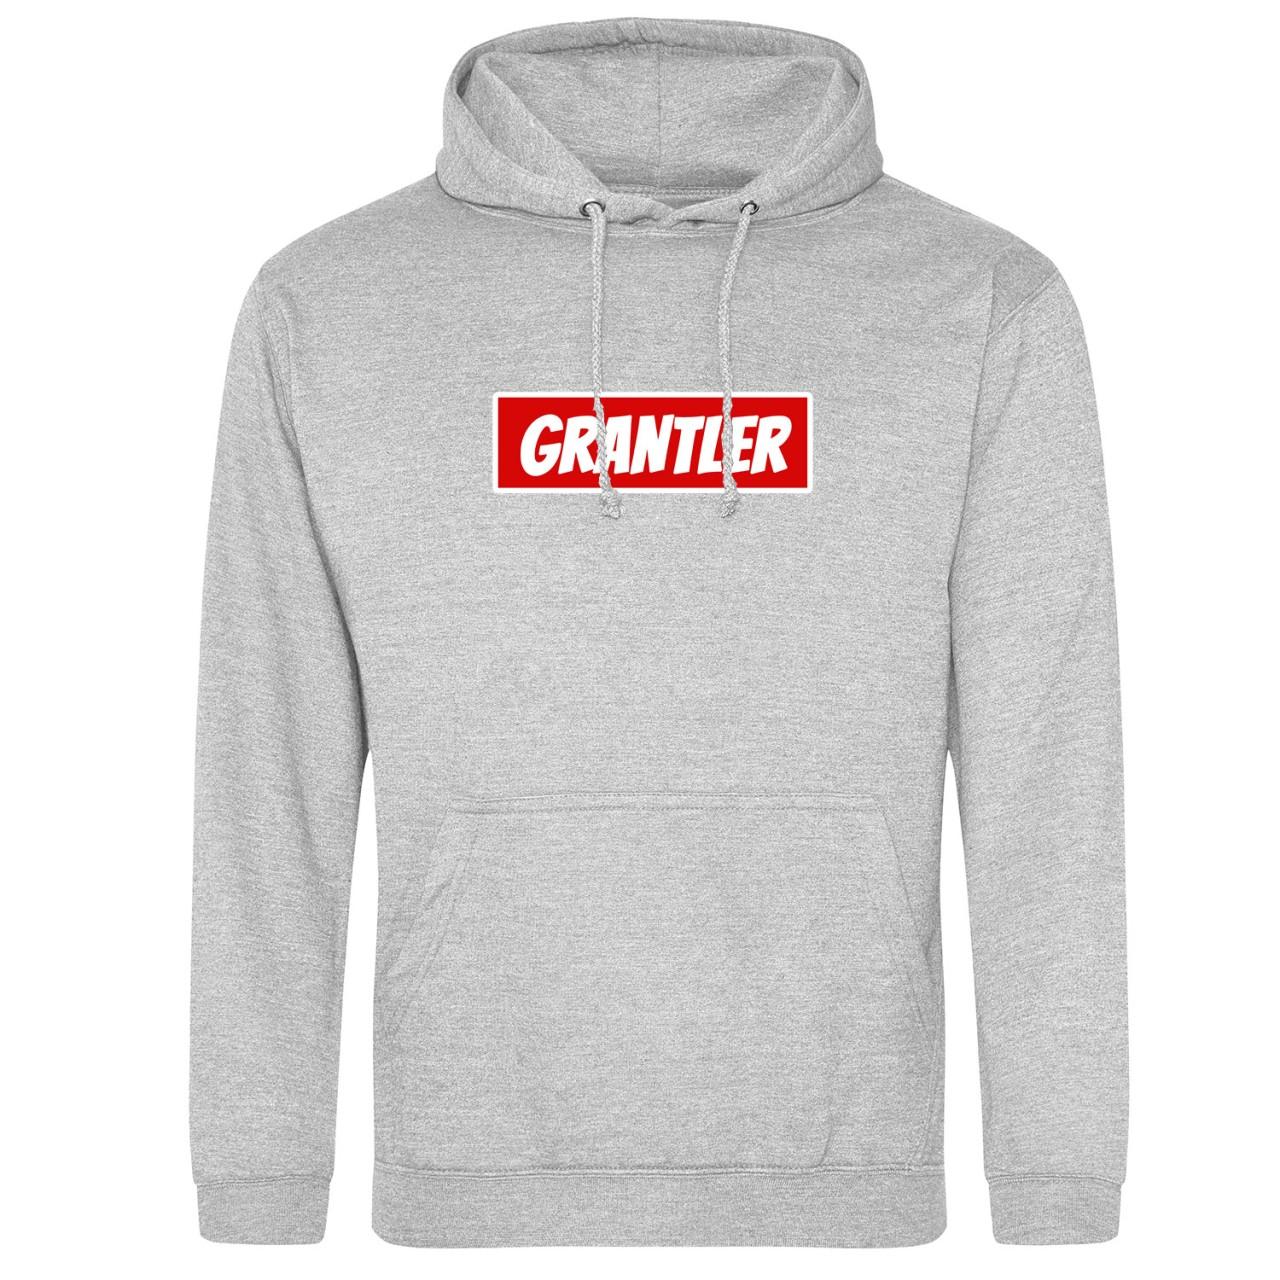 Grantler Logo Hoodie